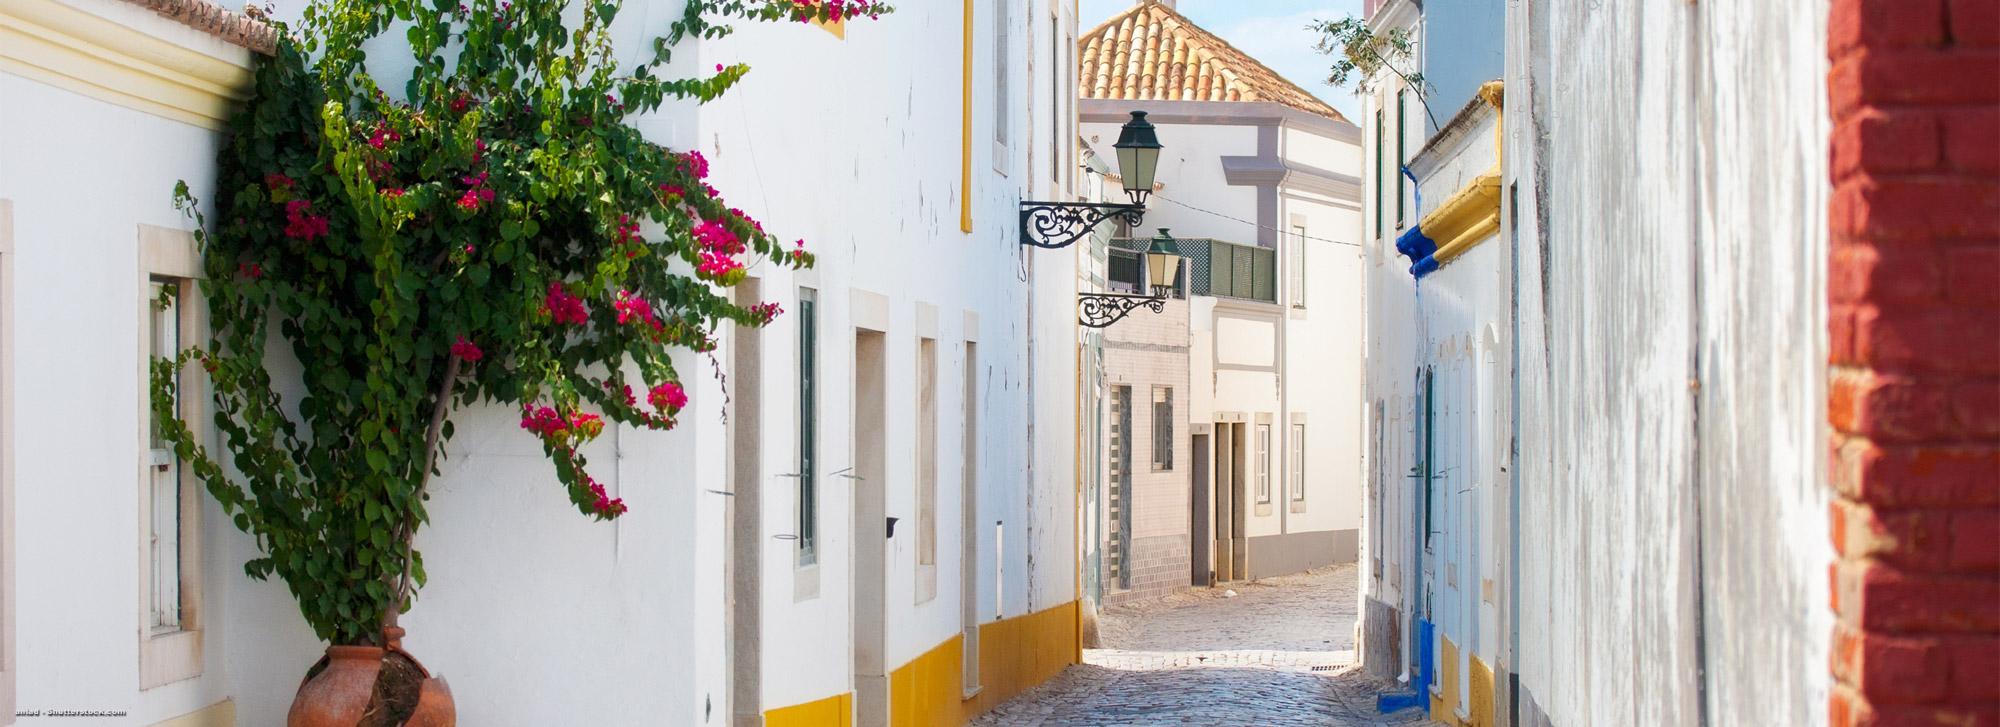 Séjour linguistique à Faro